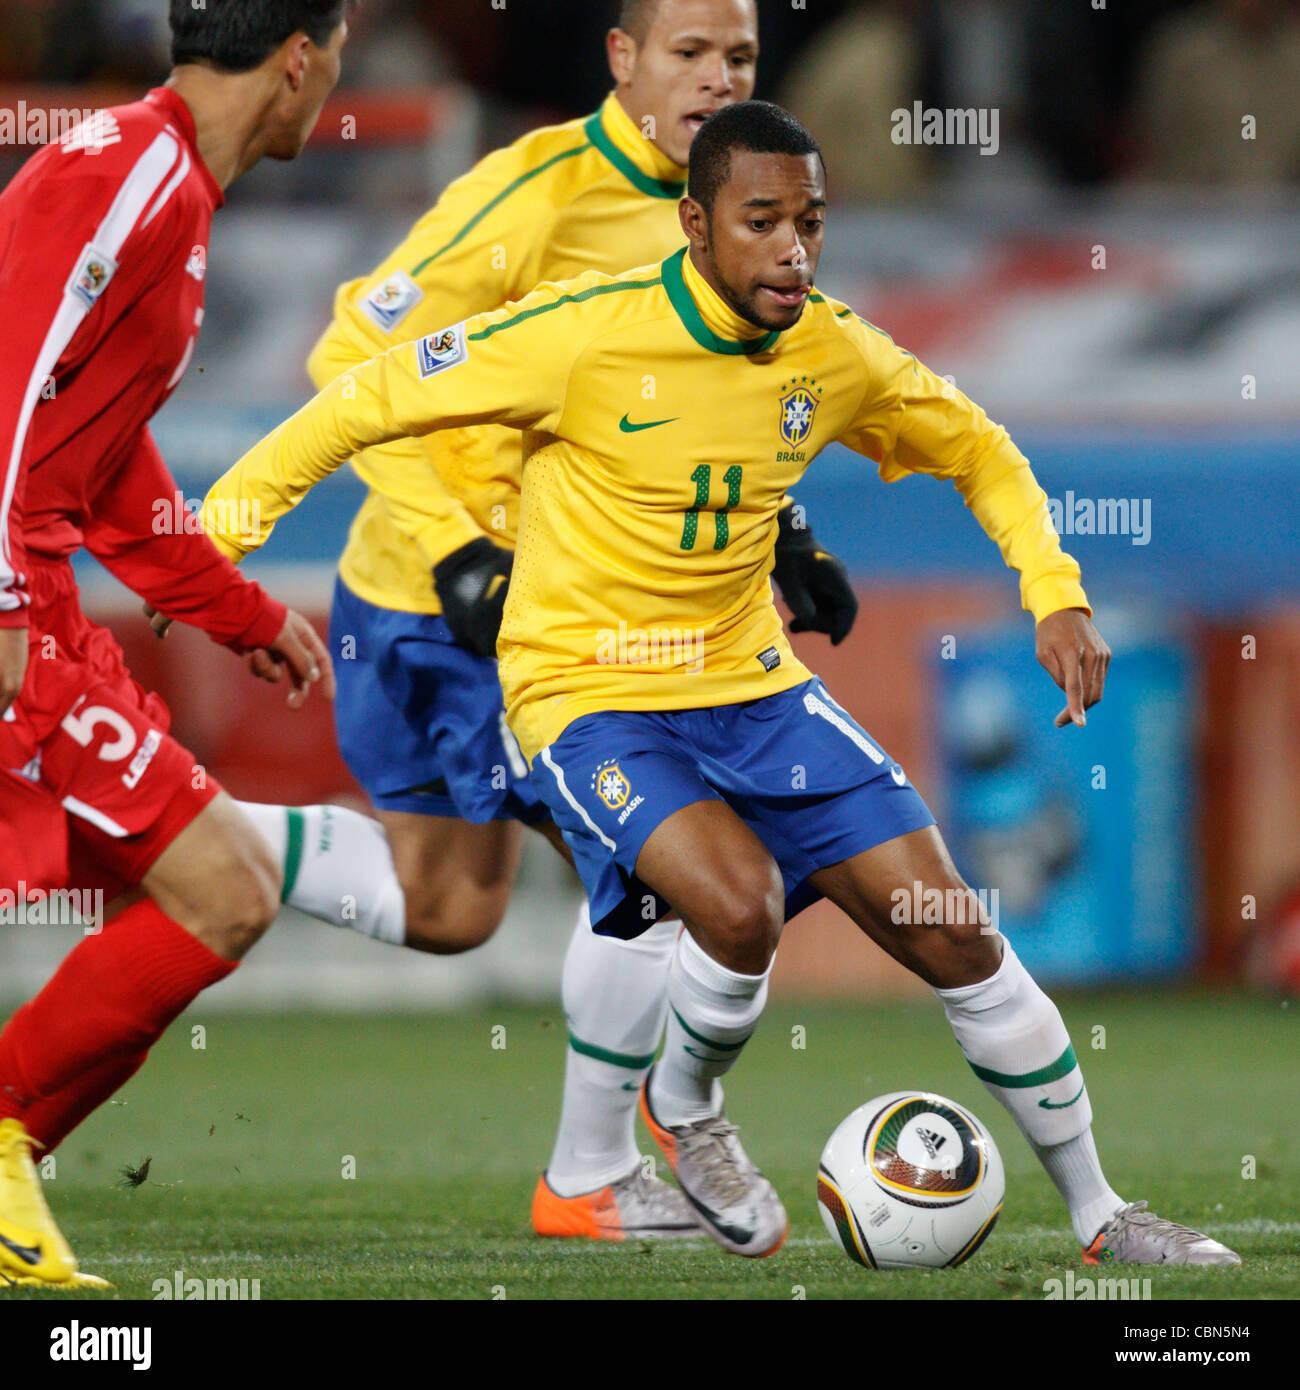 Robinho de Brasil sobre el ataque contra Corea del Norte durante un partido de la Copa Mundial de la FIFA en el Ellis Park Stadium el 15 de junio de 2010. Foto de stock